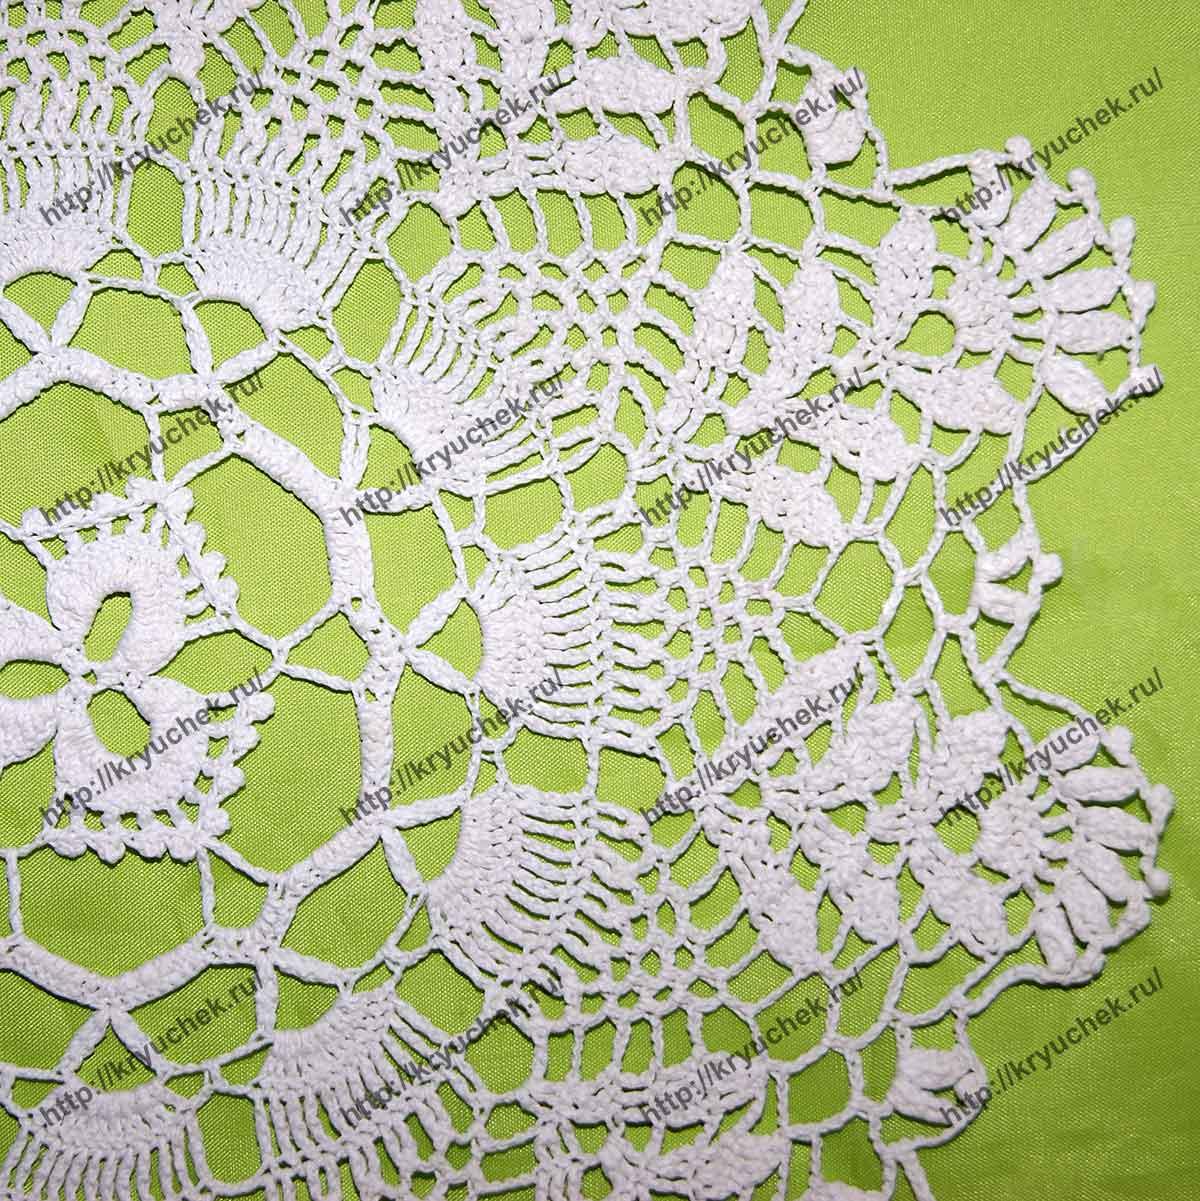 Пример связанной крючком салфетки с цветочными мотивами (крупный план)